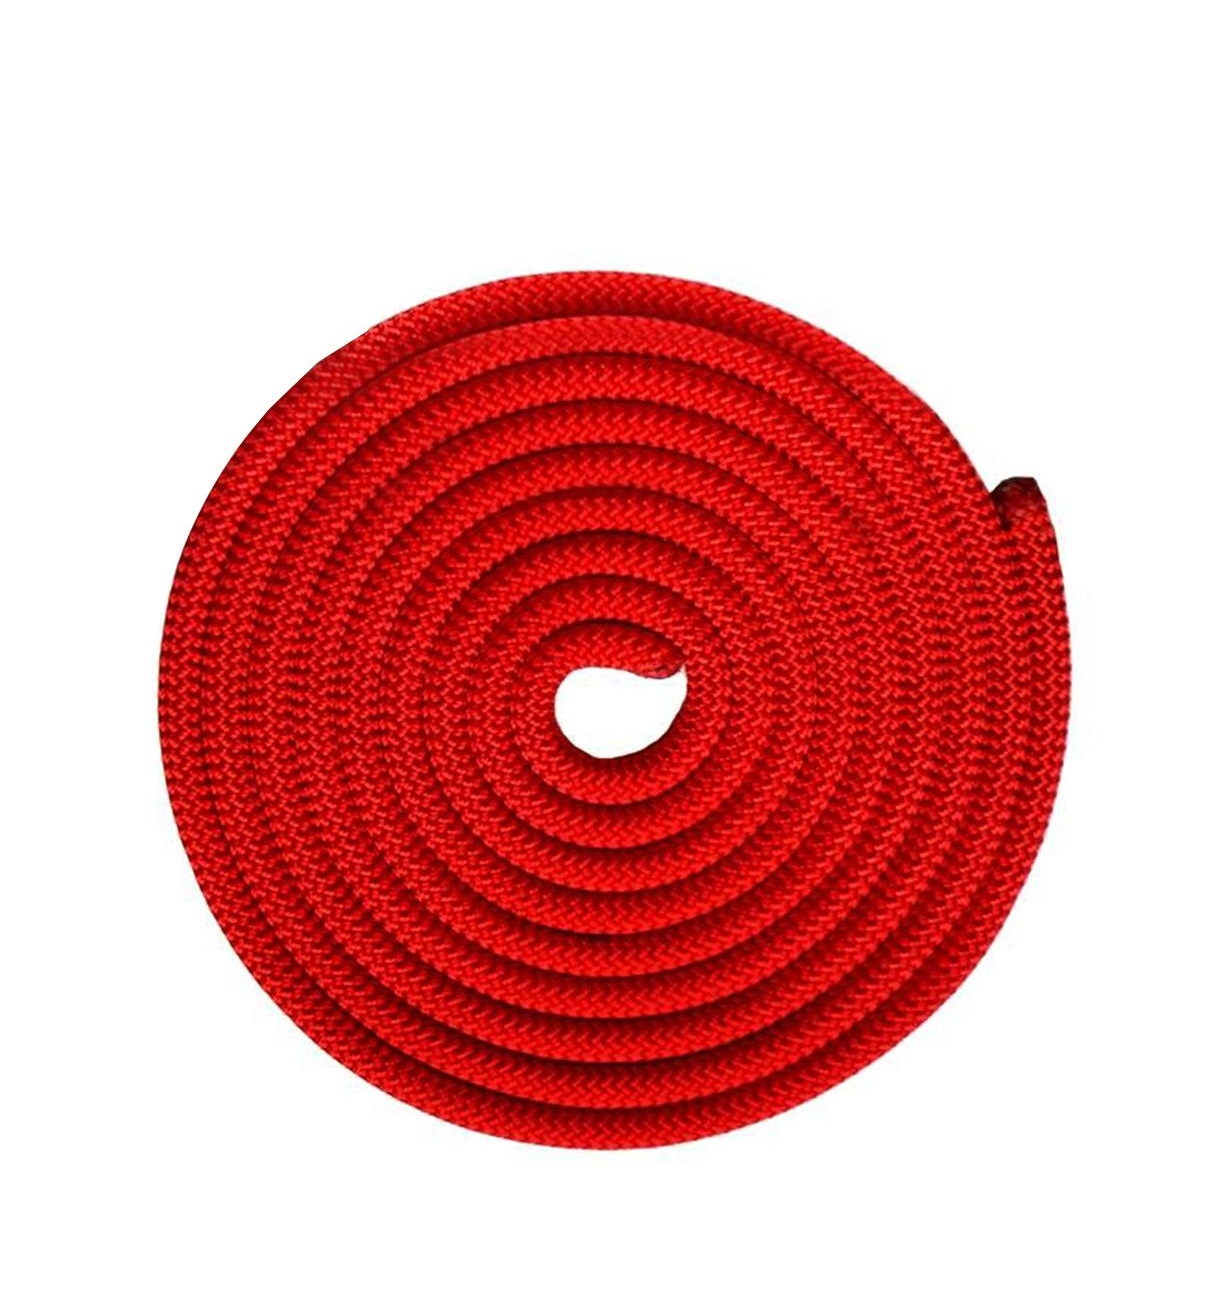 Скакалка гимнастическая Jabb AB251 красная 300 см